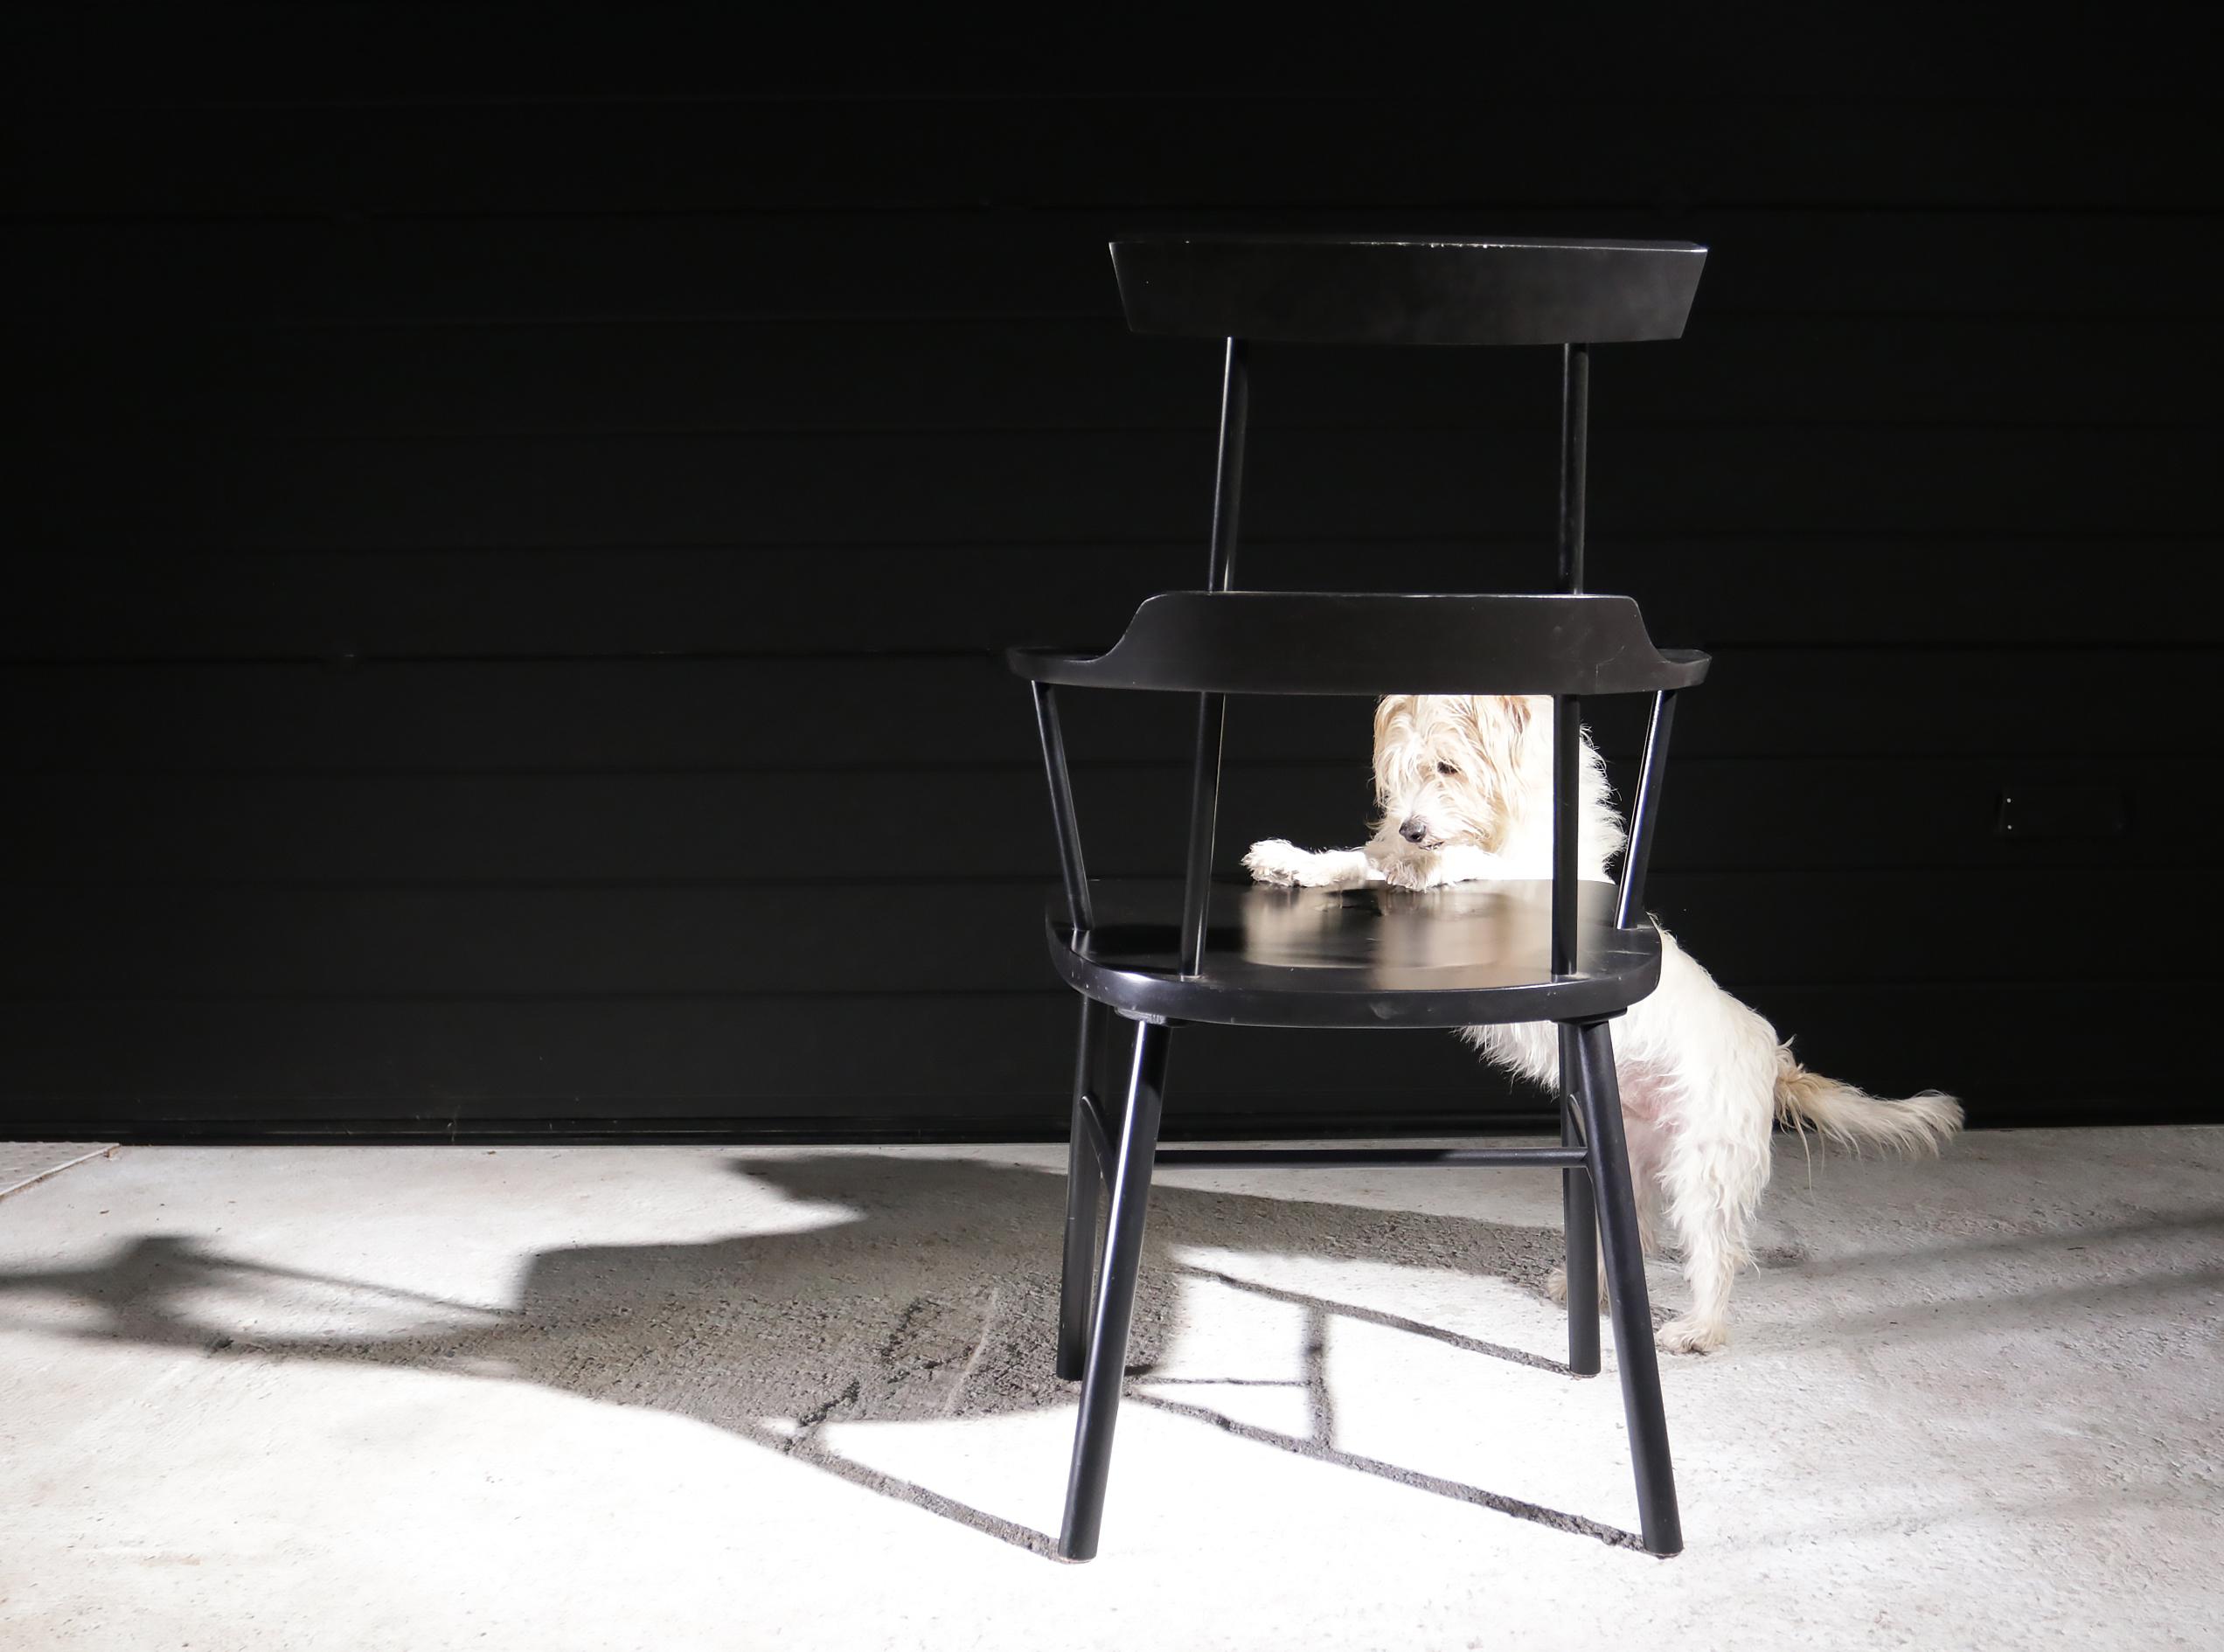 Bijzondere Design Stoelen.Japanse Stijl Stoel Met Bijzondere Rug Ikea Ps 2012 Collectie